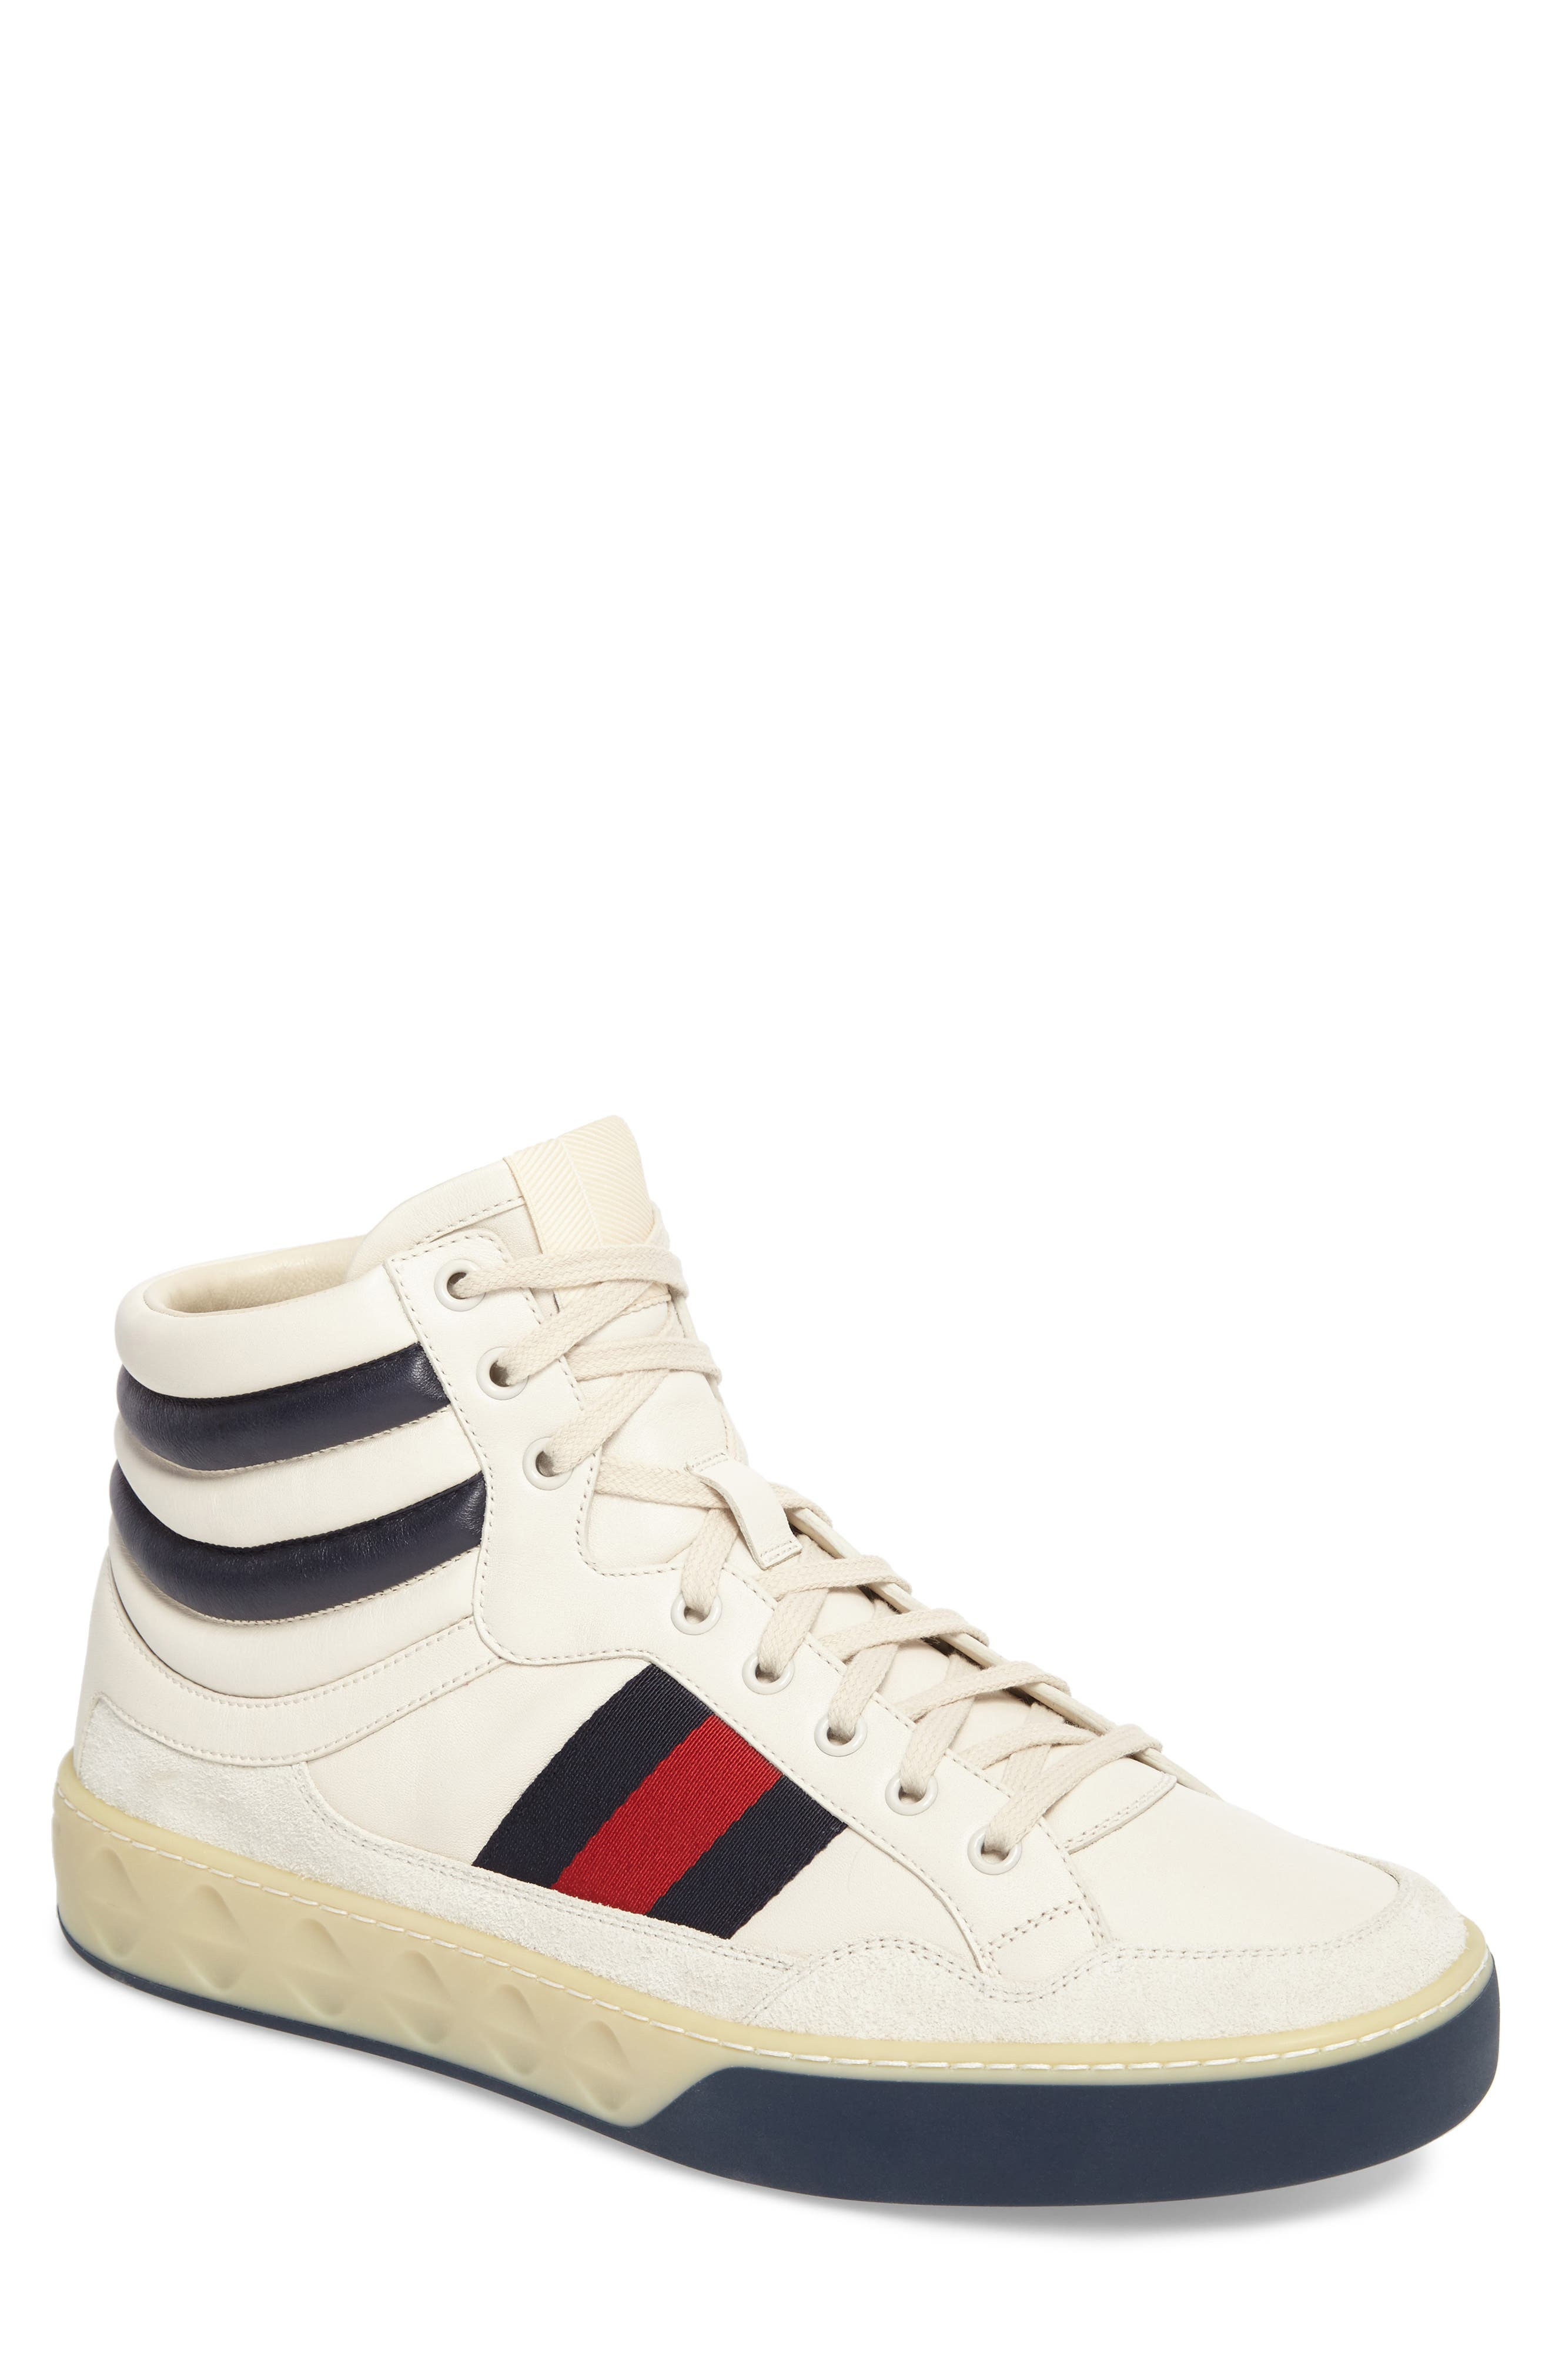 Alternate Image 1 Selected - Gucci More Varsity Sneaker (Men)